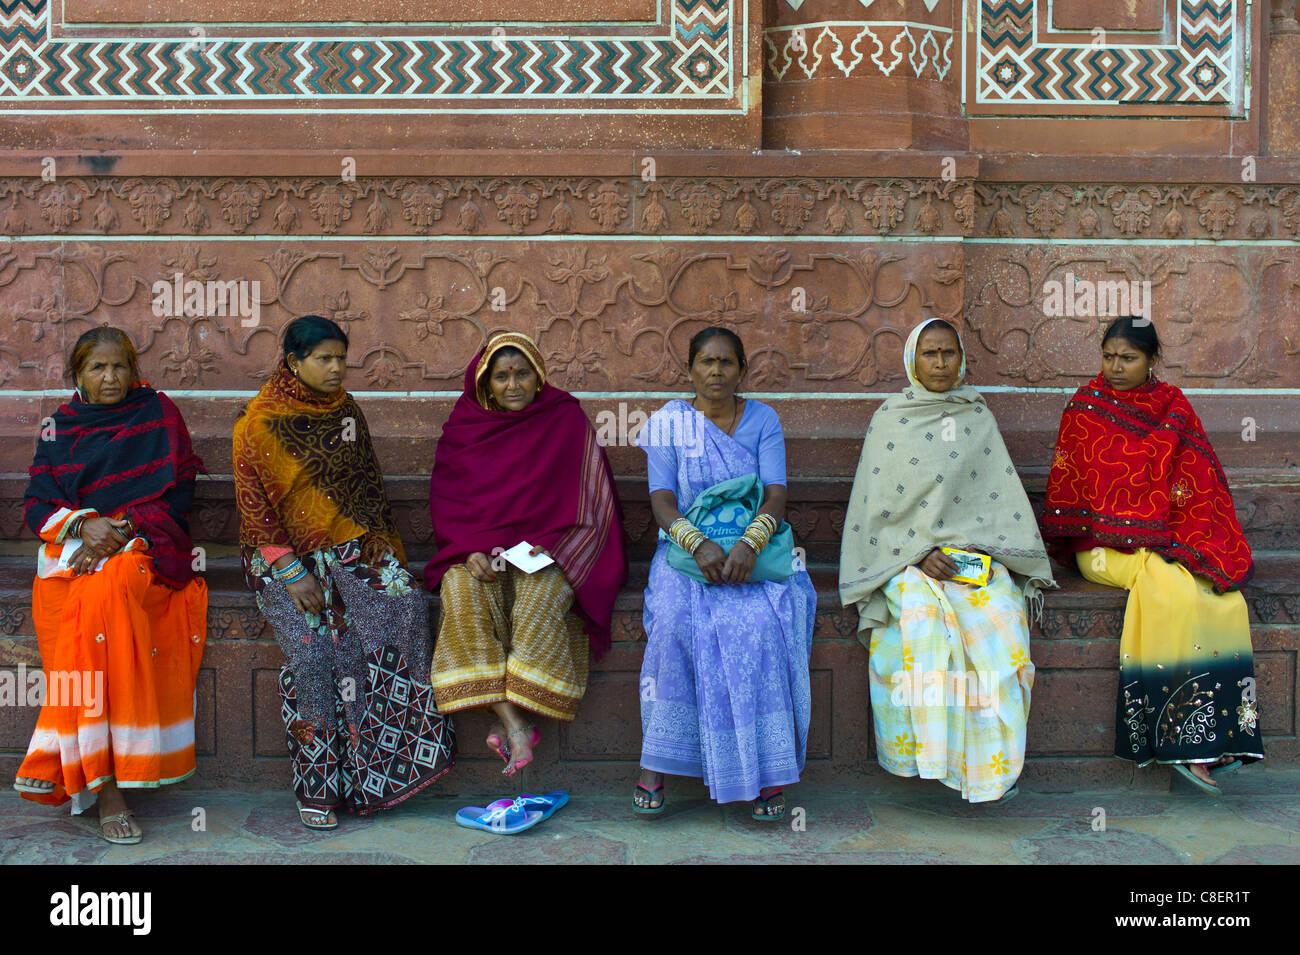 Las mujeres indias visitando el Taj Mahal, Uttar Pradesh, India Imagen De Stock